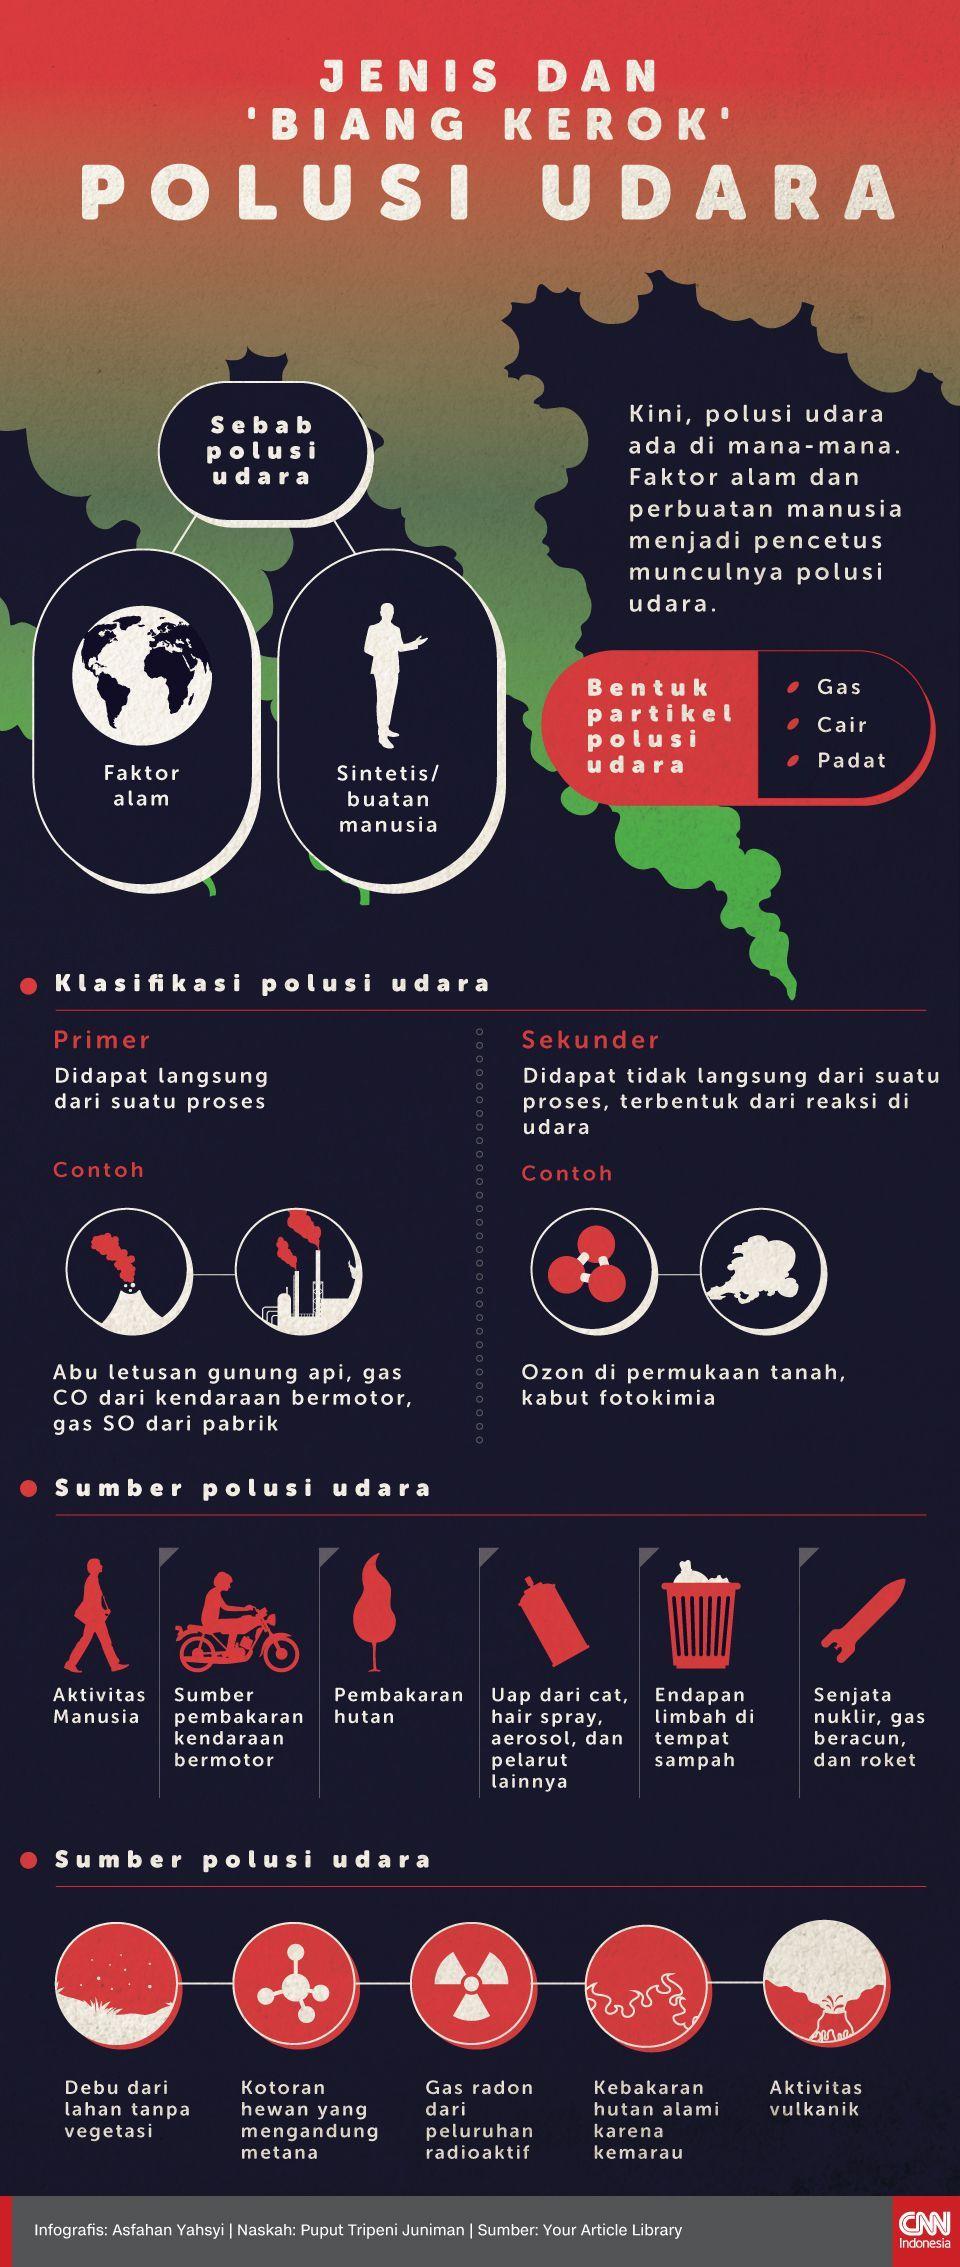 Infografis Jenis dan 'Biang Kerok' Polusi Udara